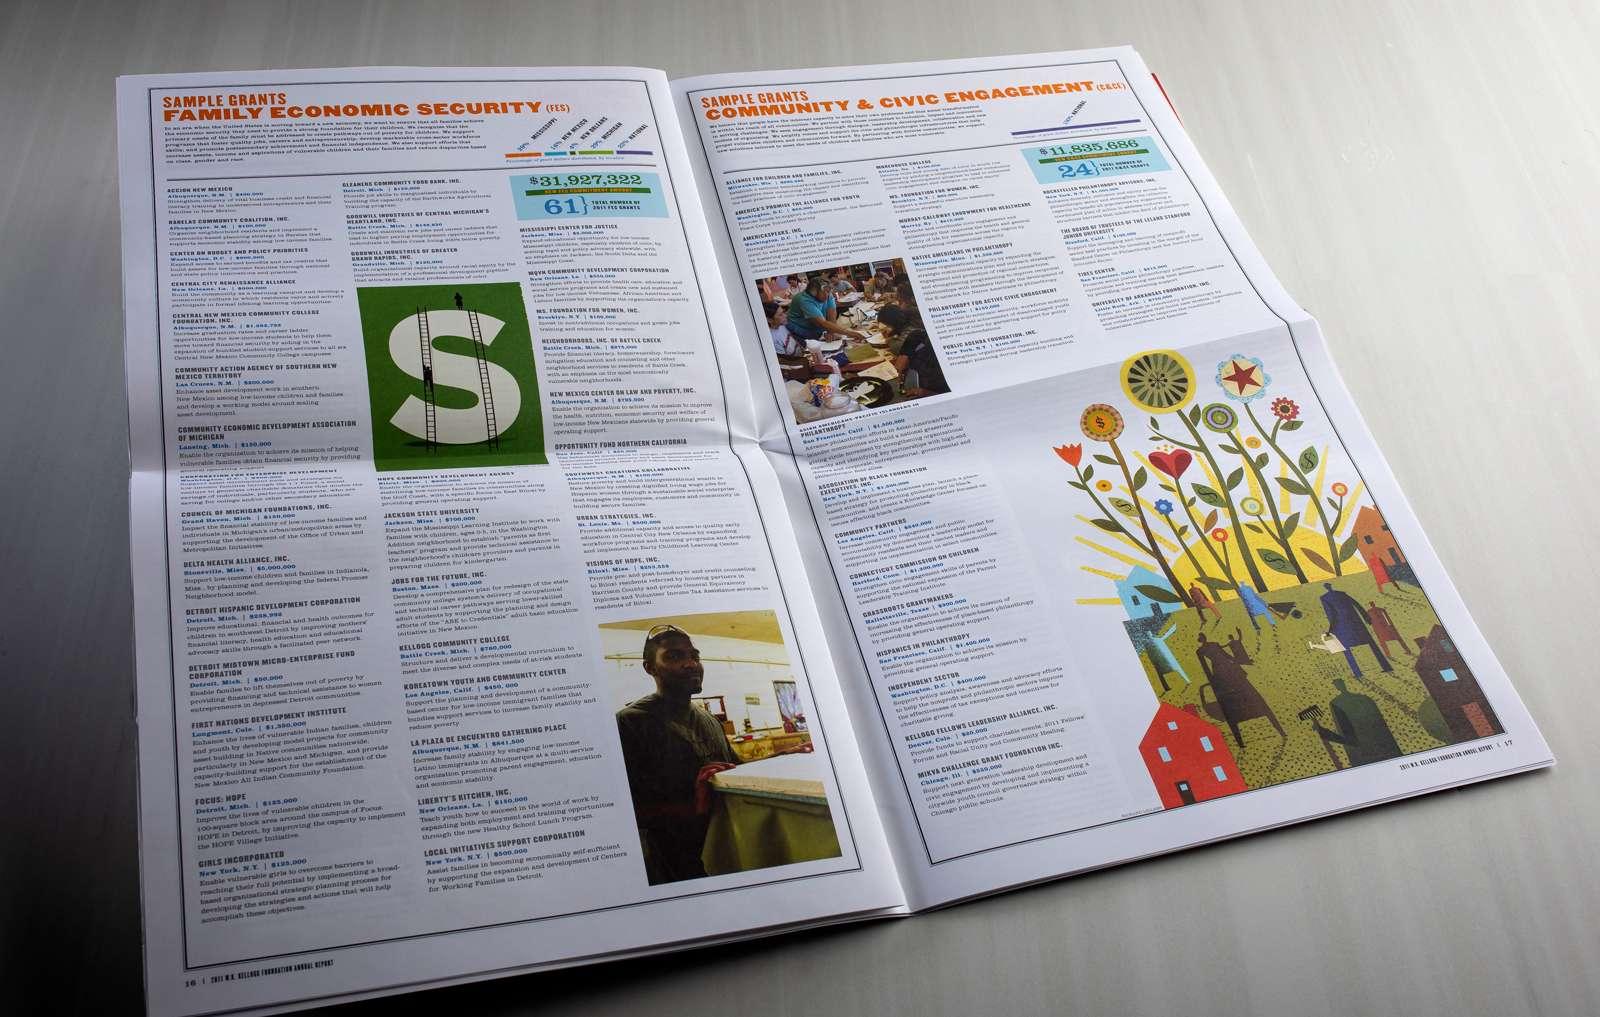 WK Kellogg Foundation annual report editorial spread